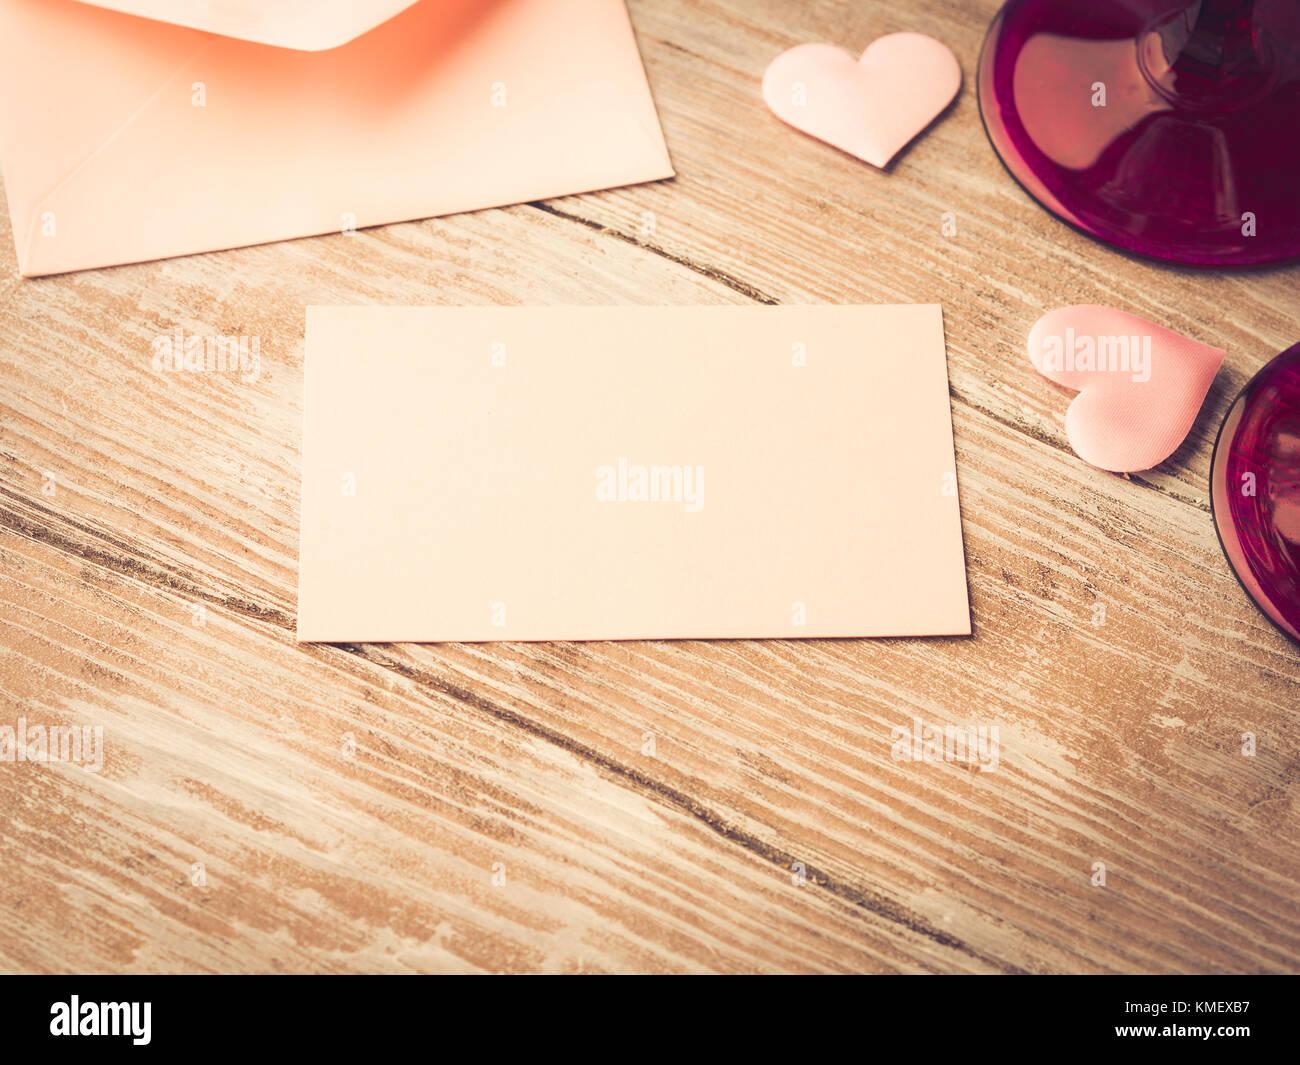 Nota Carta En Papel Rosa En Blanco Con Corazones Para Llenar Con Su